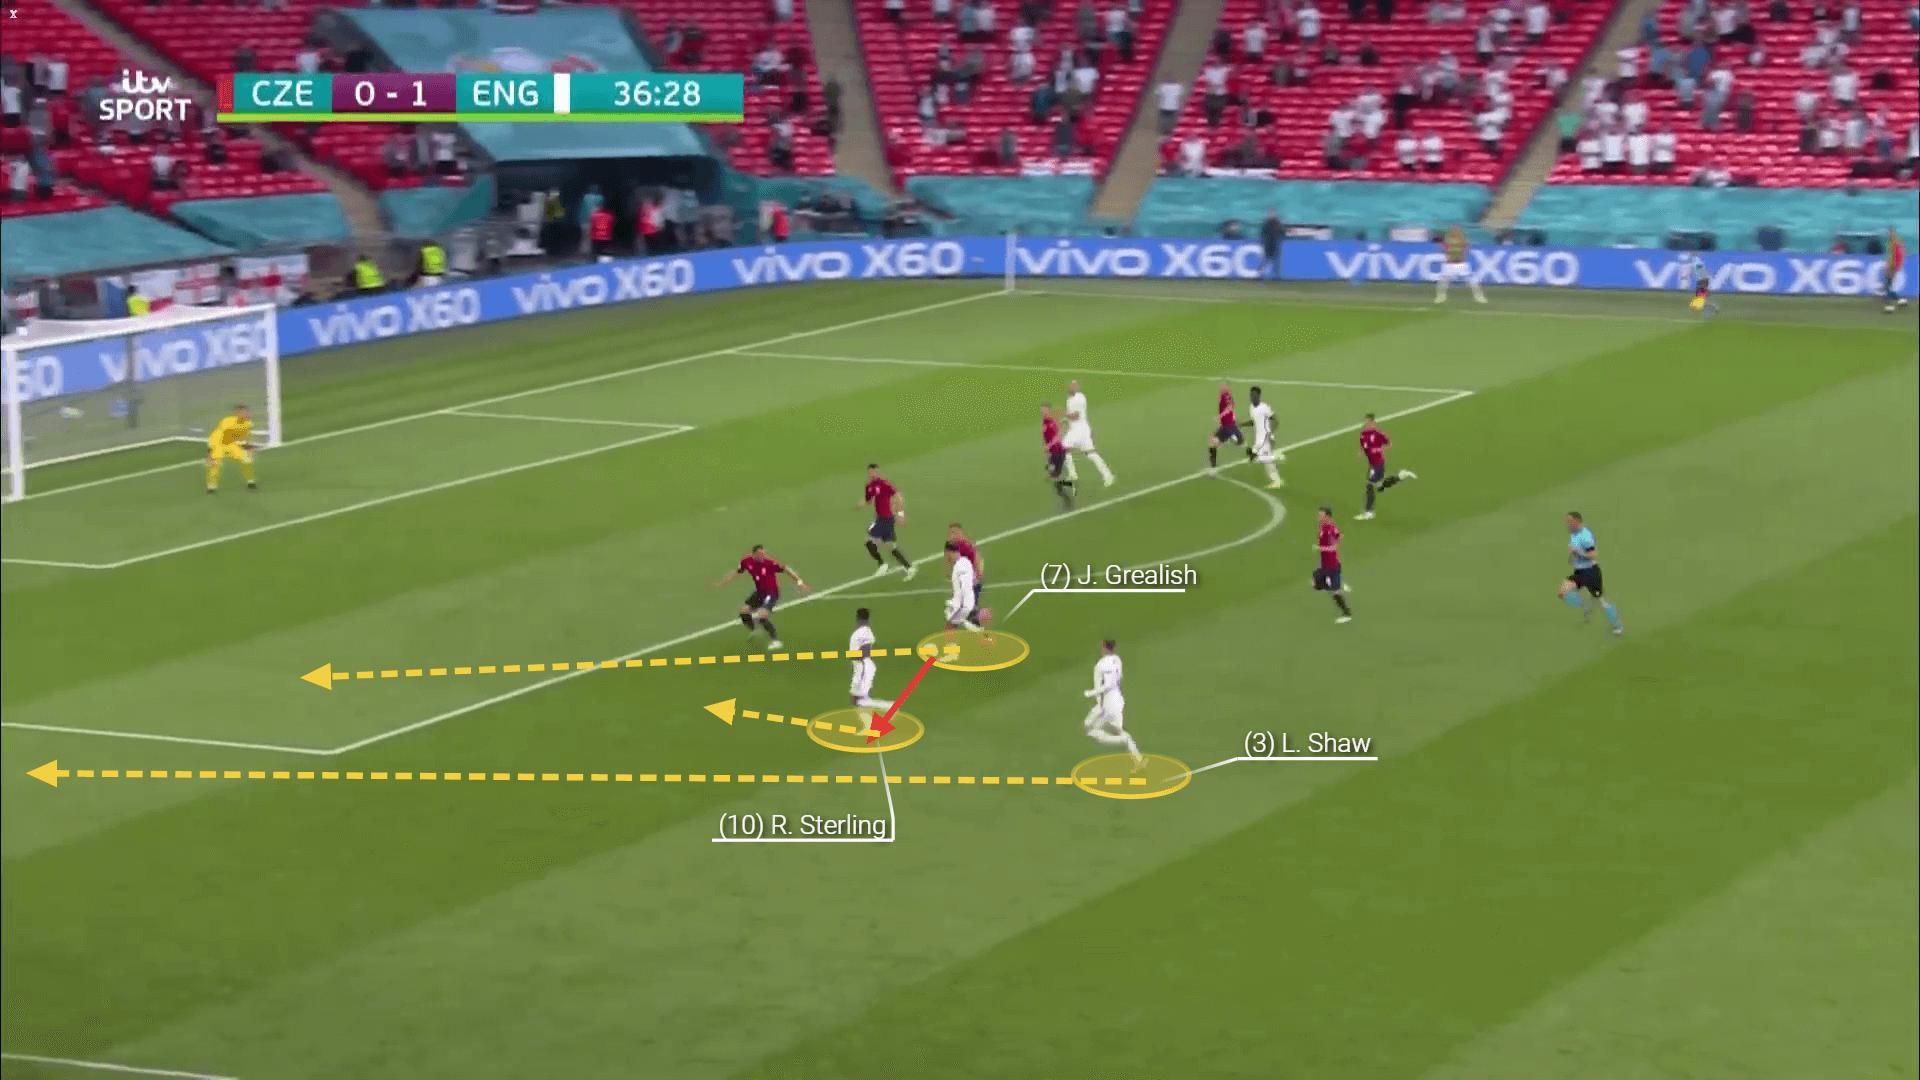 EURO 2020: Czech Republic vs England - tactical analysis tactics